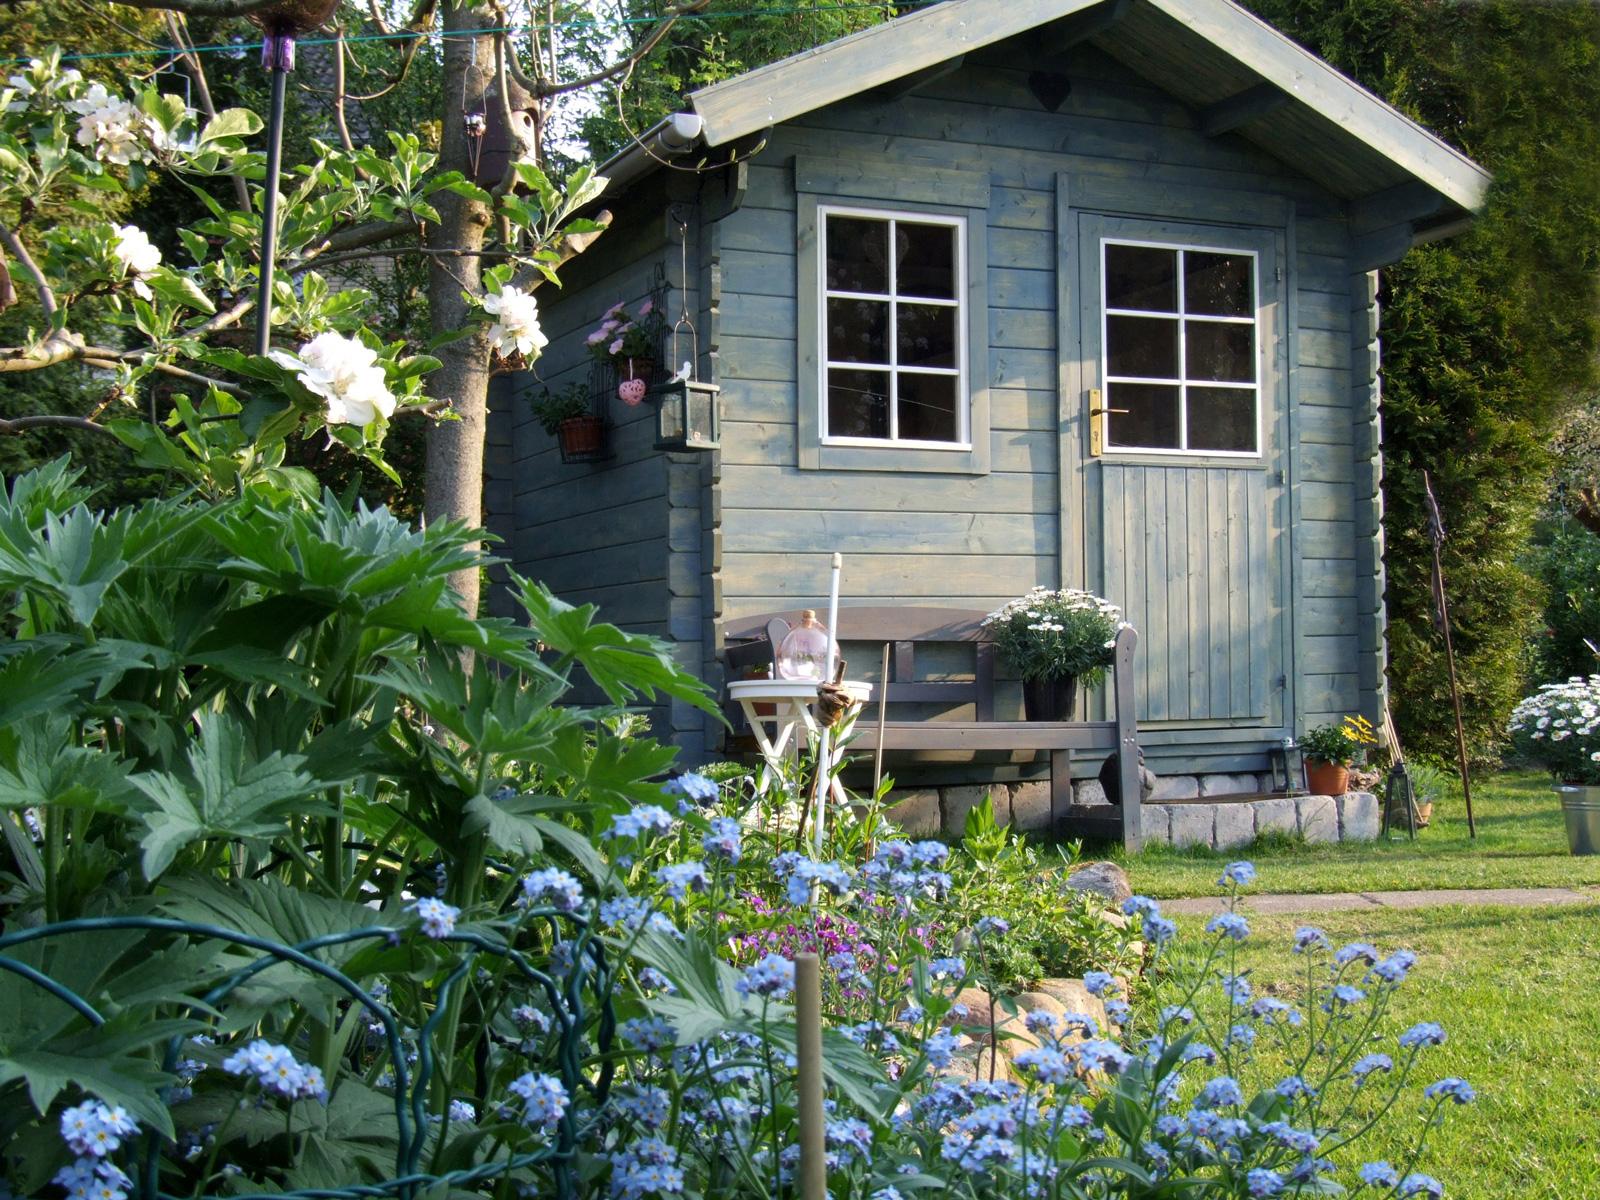 Ruhepol: Auf dem Bänkchen vor der Gartenhütte kommt Urlaubsstimmung auf.